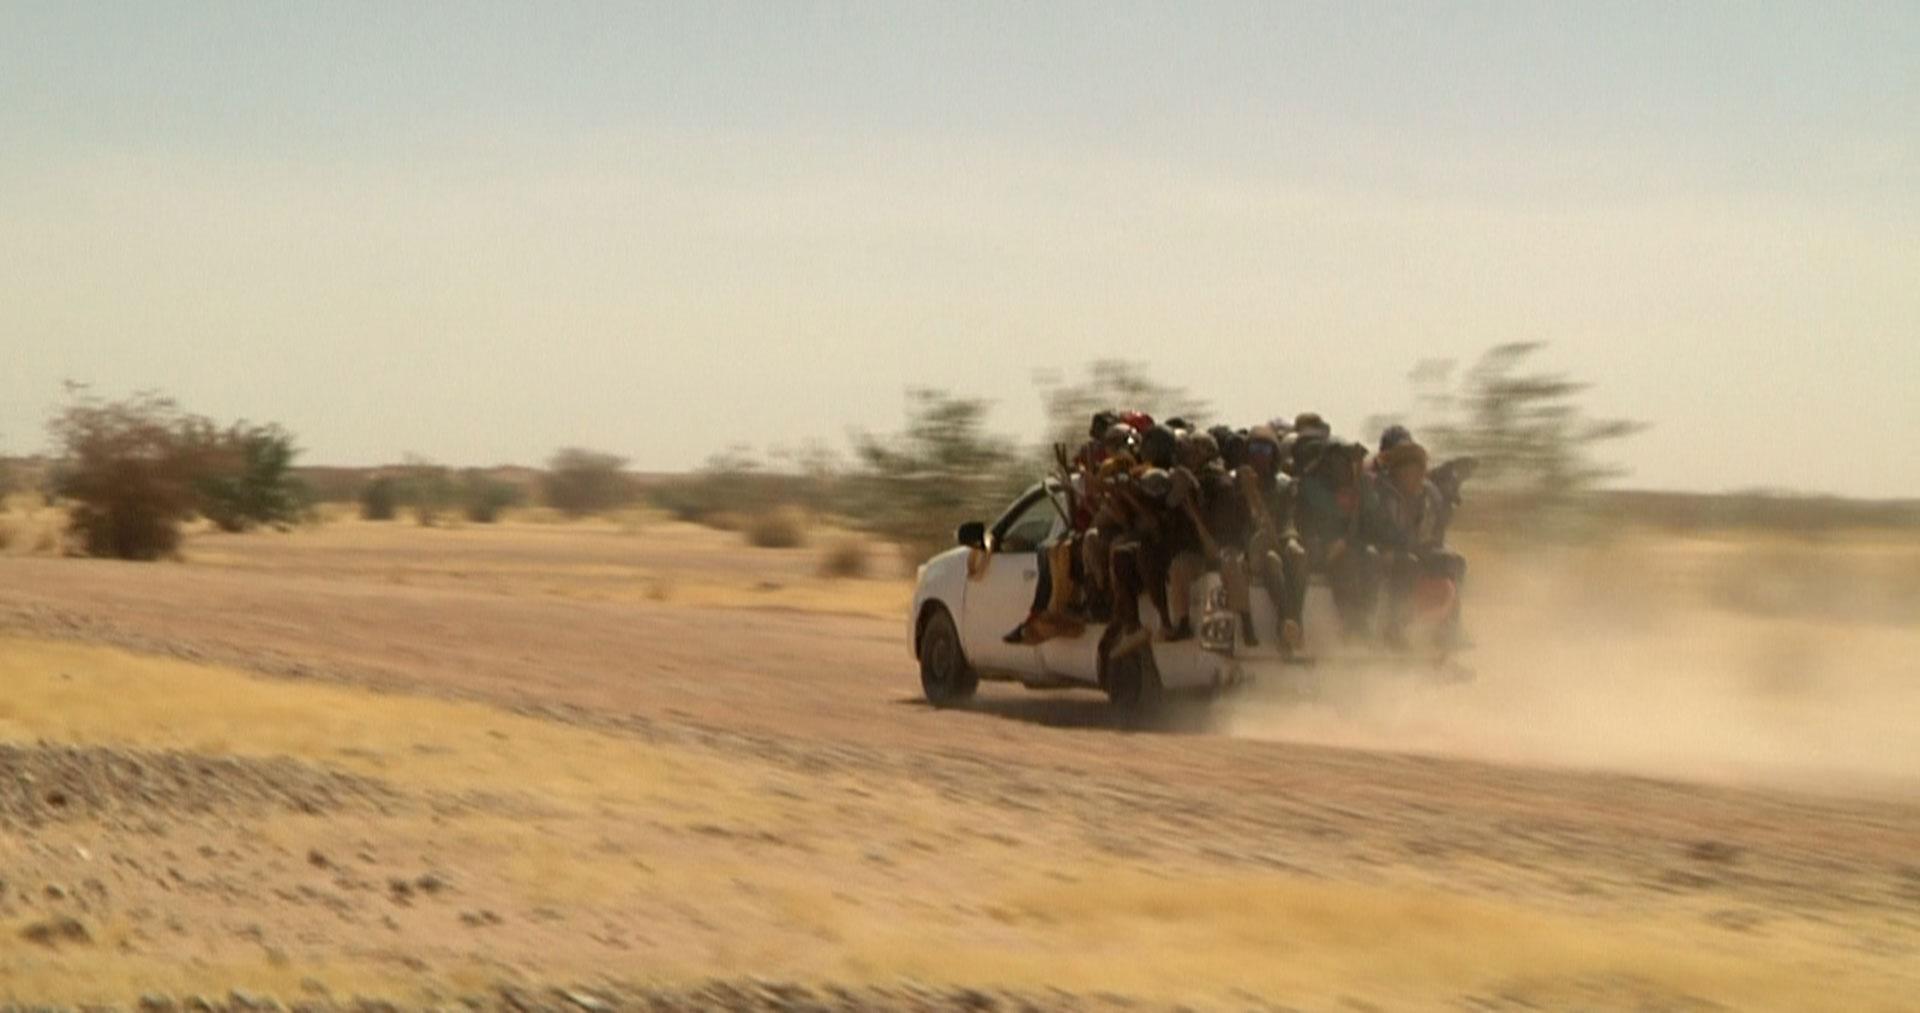 Menschen auf Pickup Truck in der Wüste Nigers